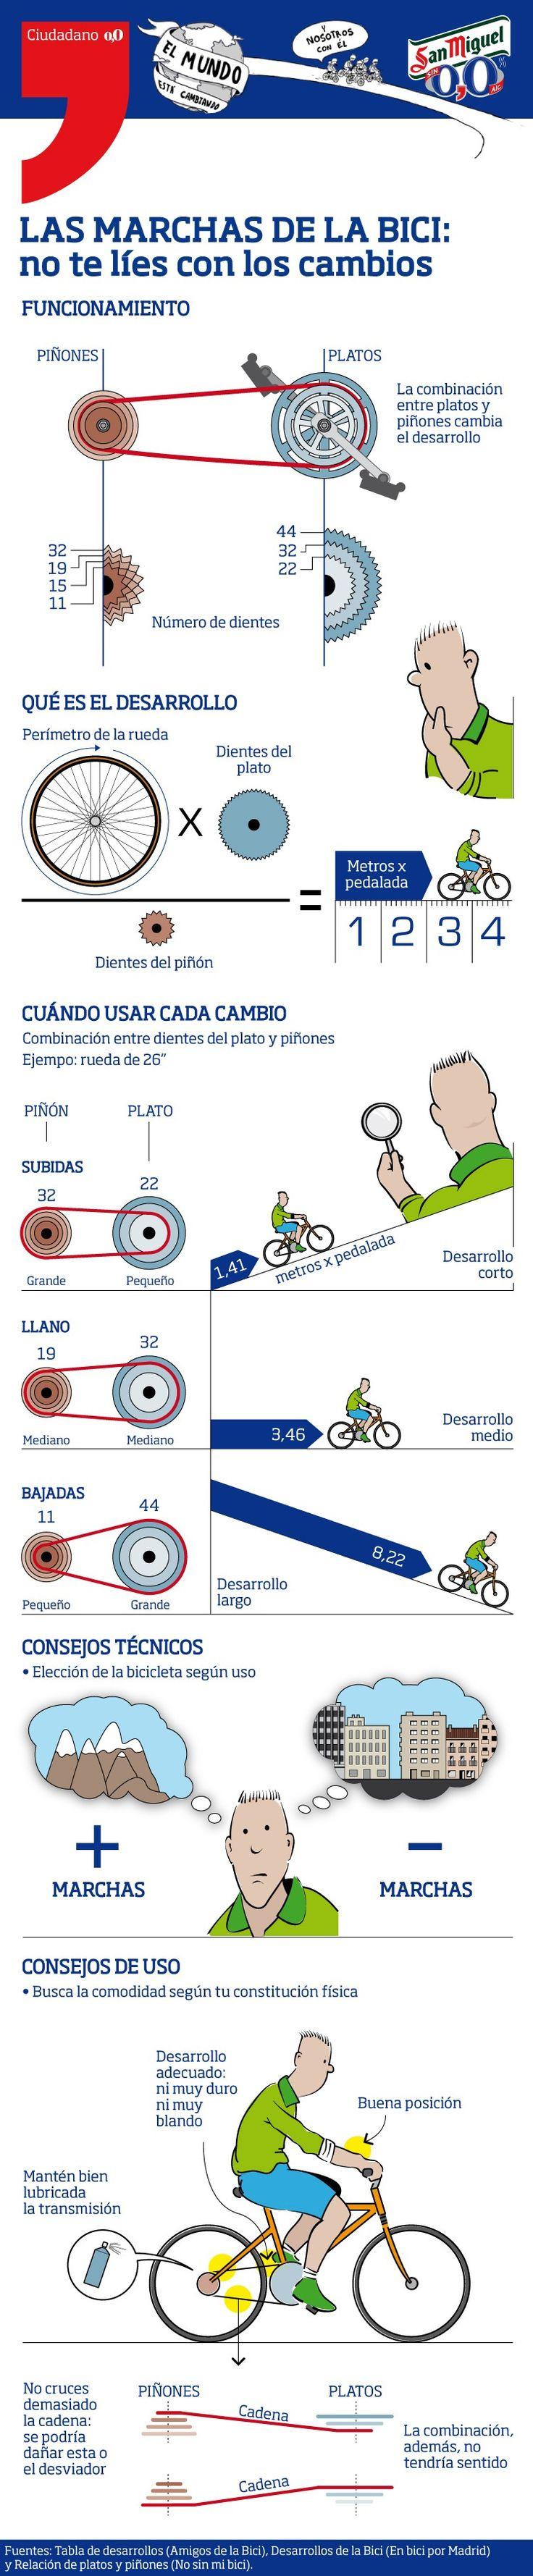 como funcionan los cambios de bicicleta - Buscar con Google